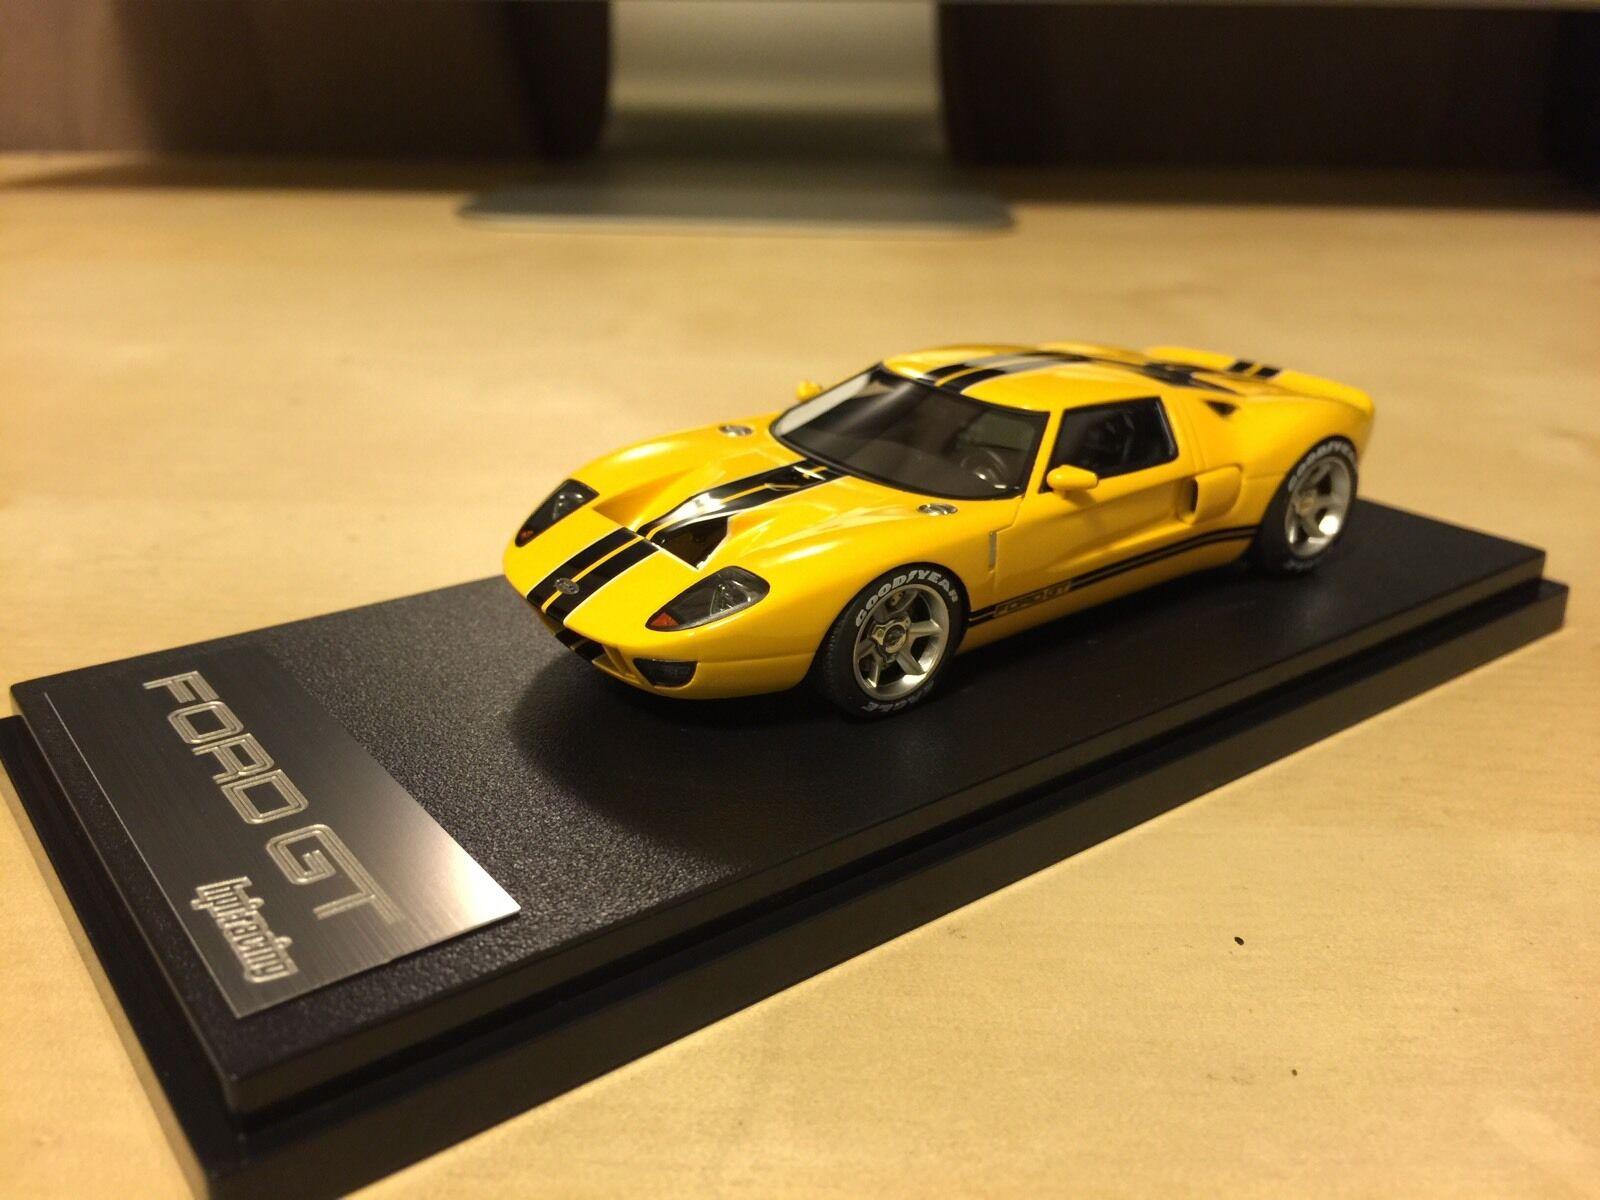 Dernier lot   HPI 8444 1 43 Ford GT fordgt GT40 Concept Résine Modèle Jaune Le Mans  loisir